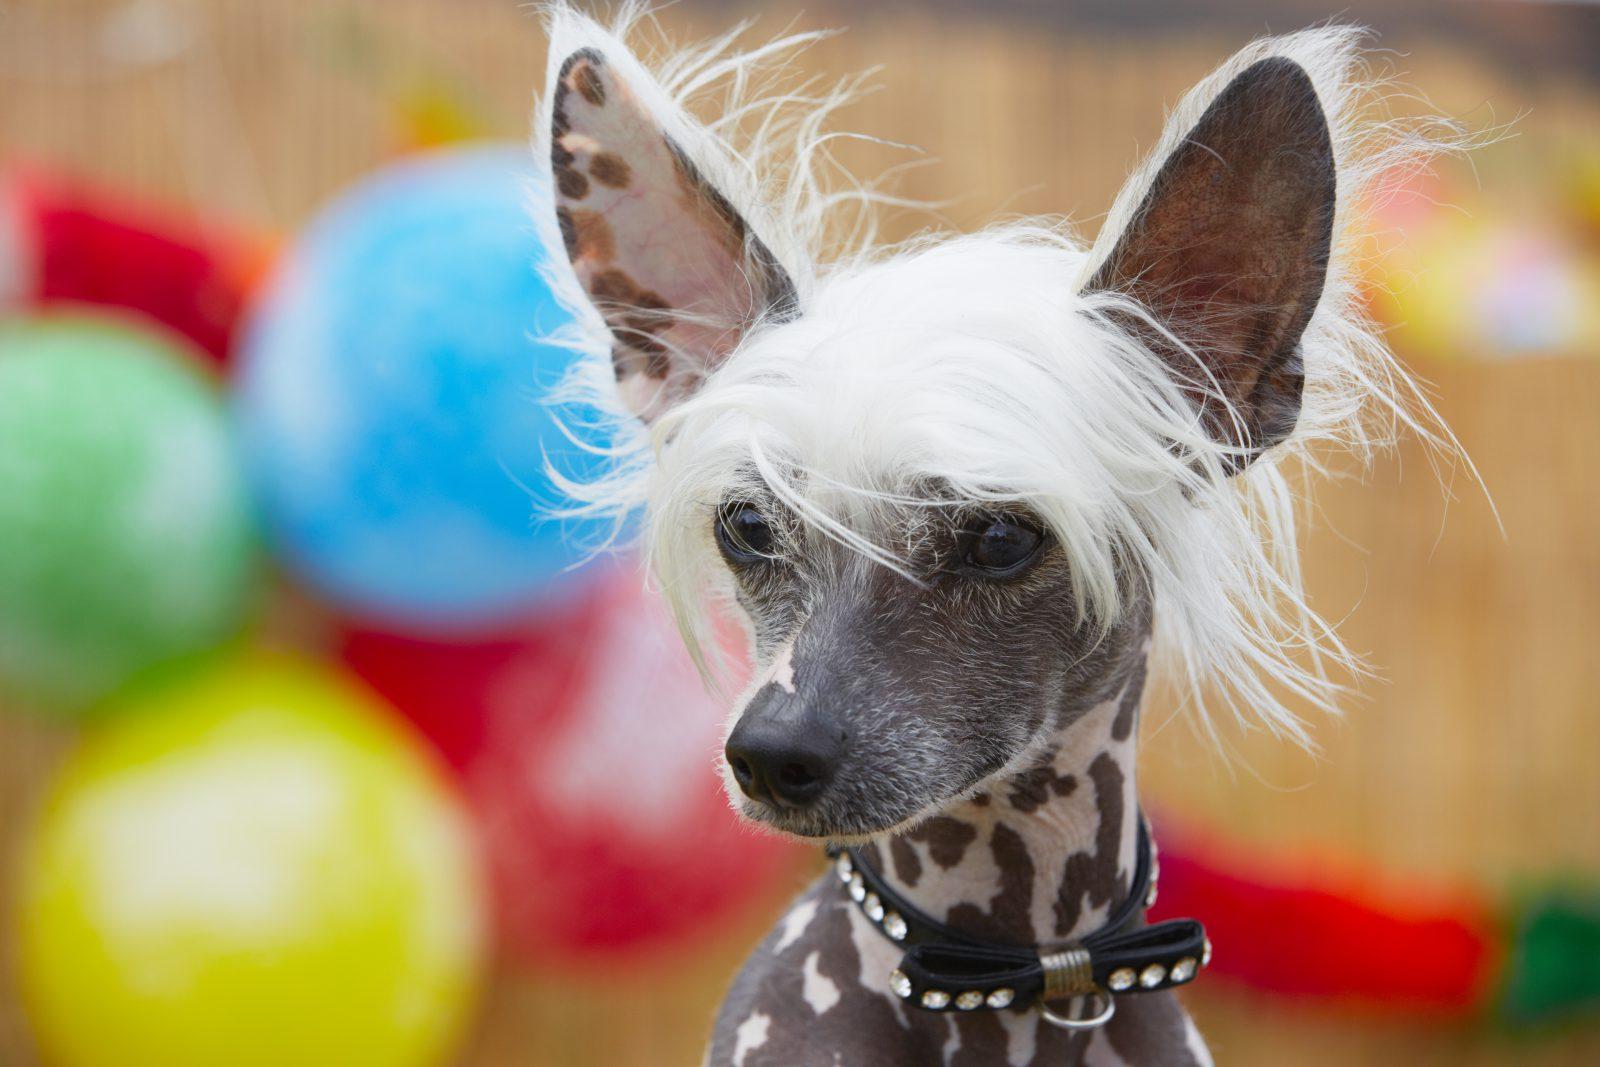 Acessórios para cachorro: a exótica Cadela de Crista Chinesa com uma coleira de strass